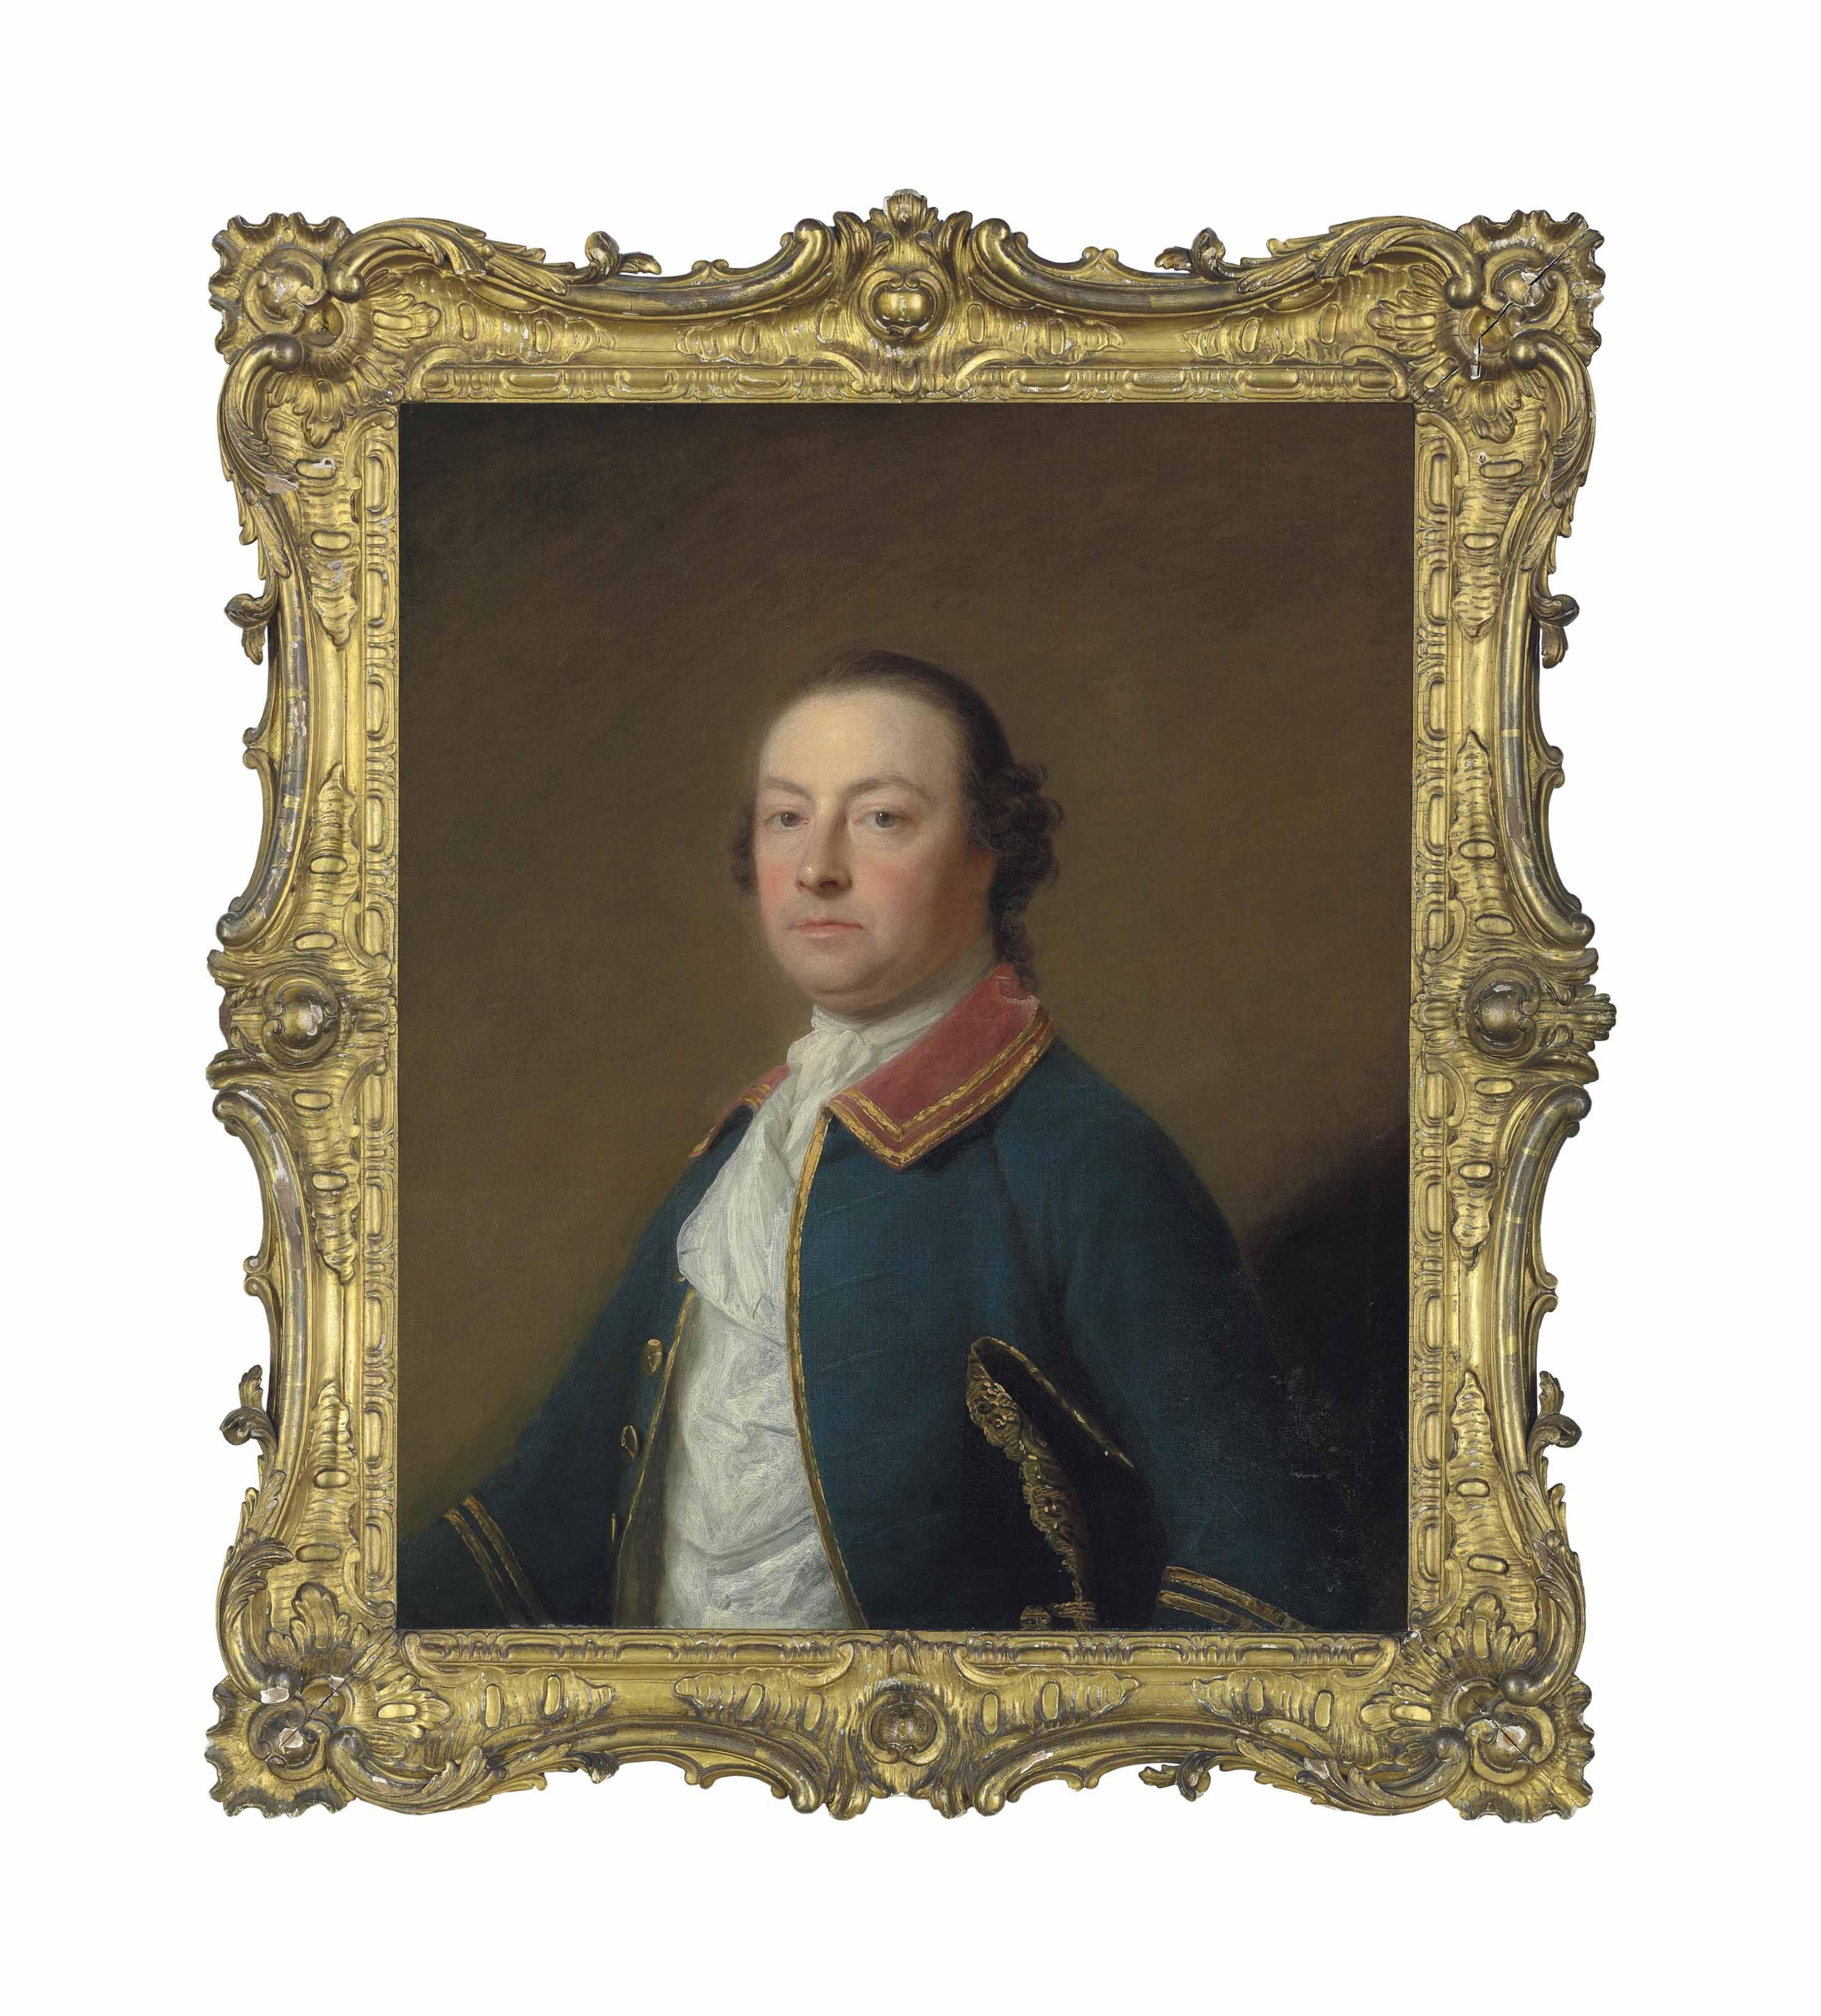 Allan Ramsay (Edinburgh 1713-1